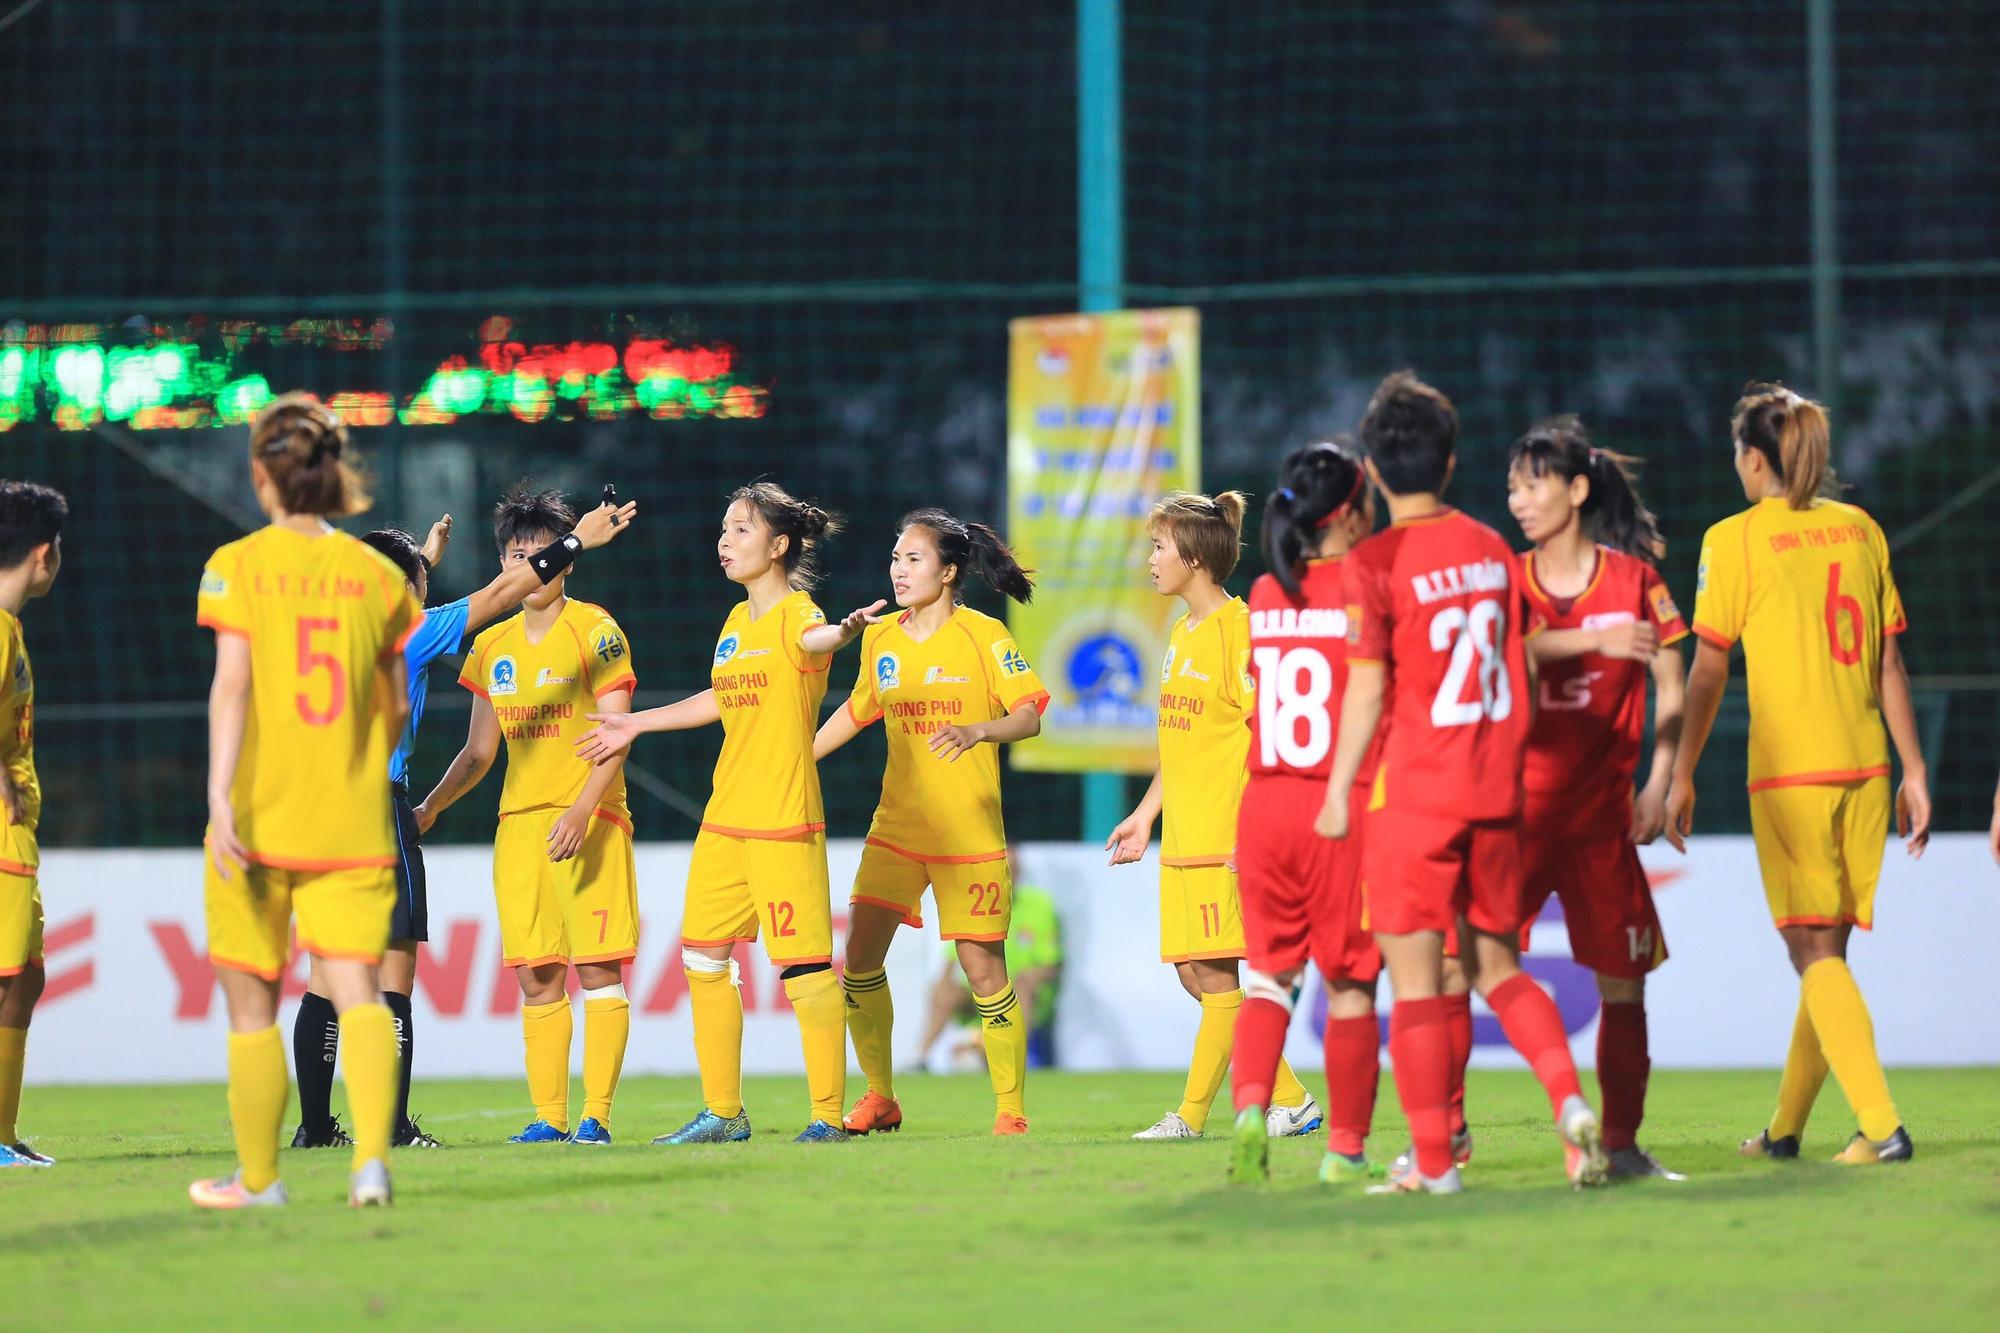 """Đội trưởng PP.Hà Nam Trần Thị Hồng Nhung (số  12) bị """"treo giò"""" đến hết lượt đi vì phản ứng quyết định của trọng tài. Ảnh: Hải Đăng"""